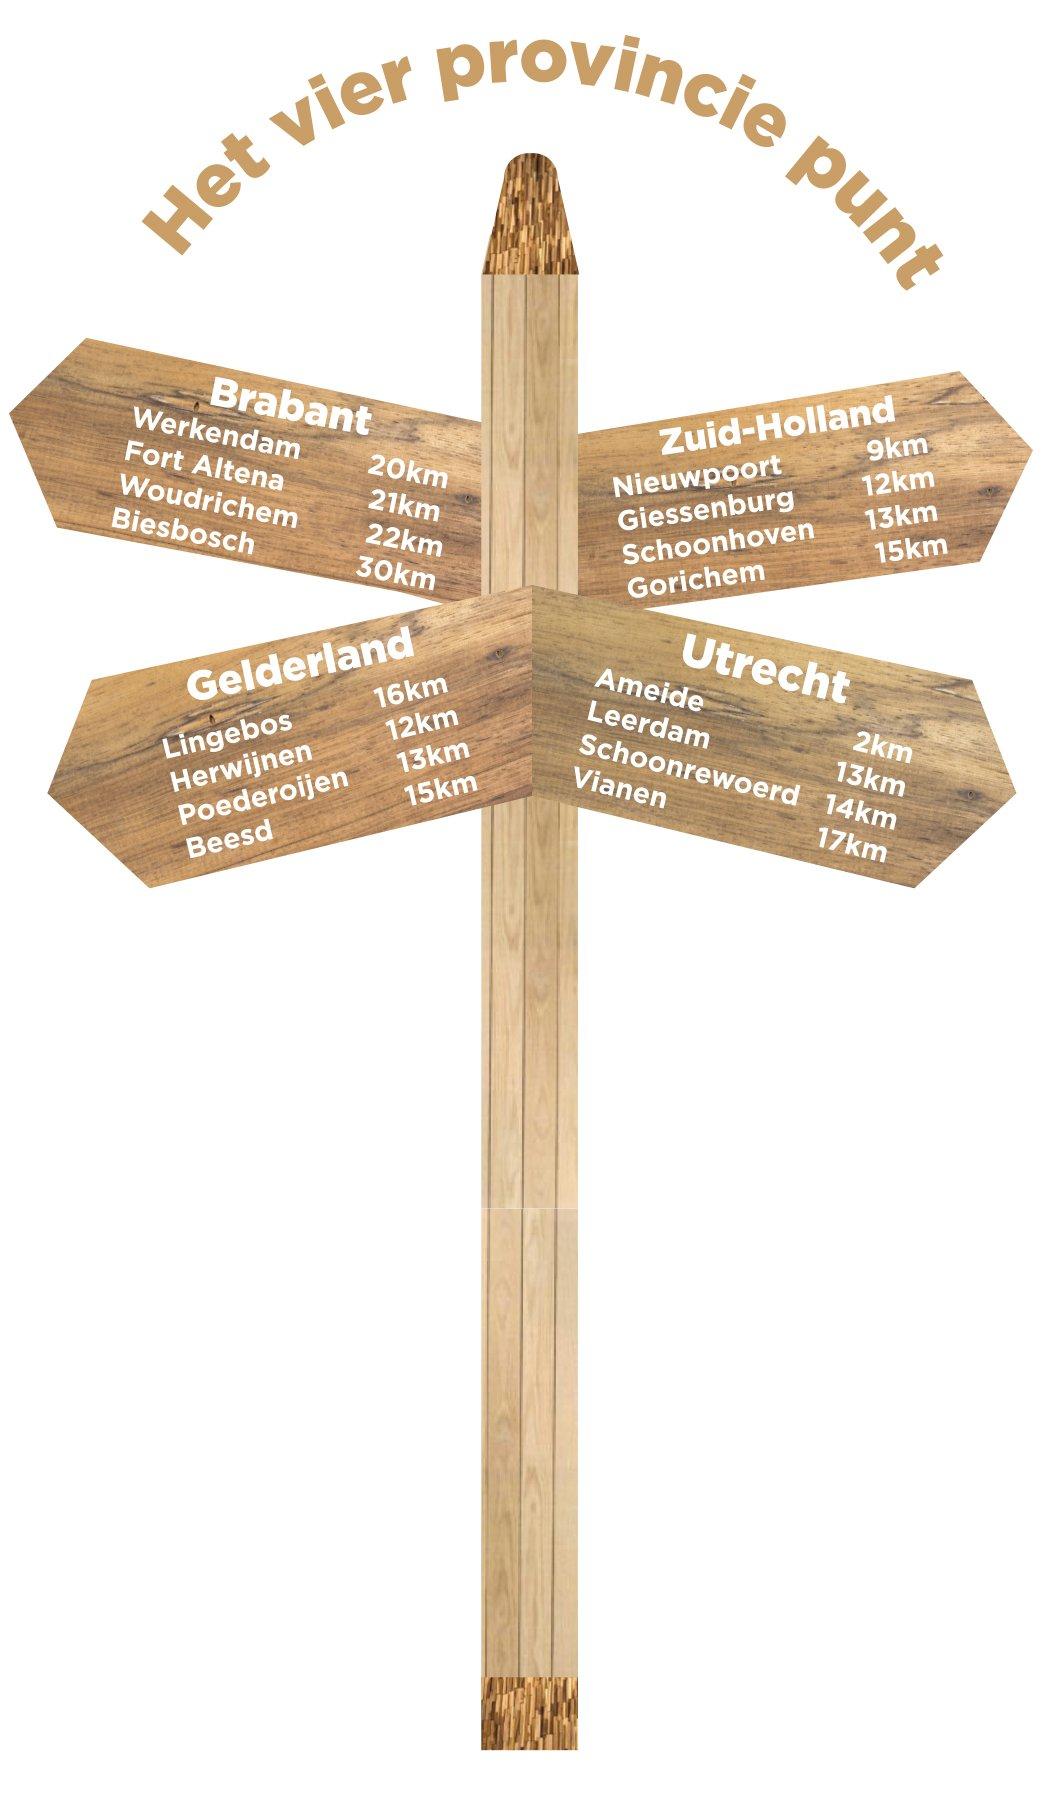 Het vier provincie punt